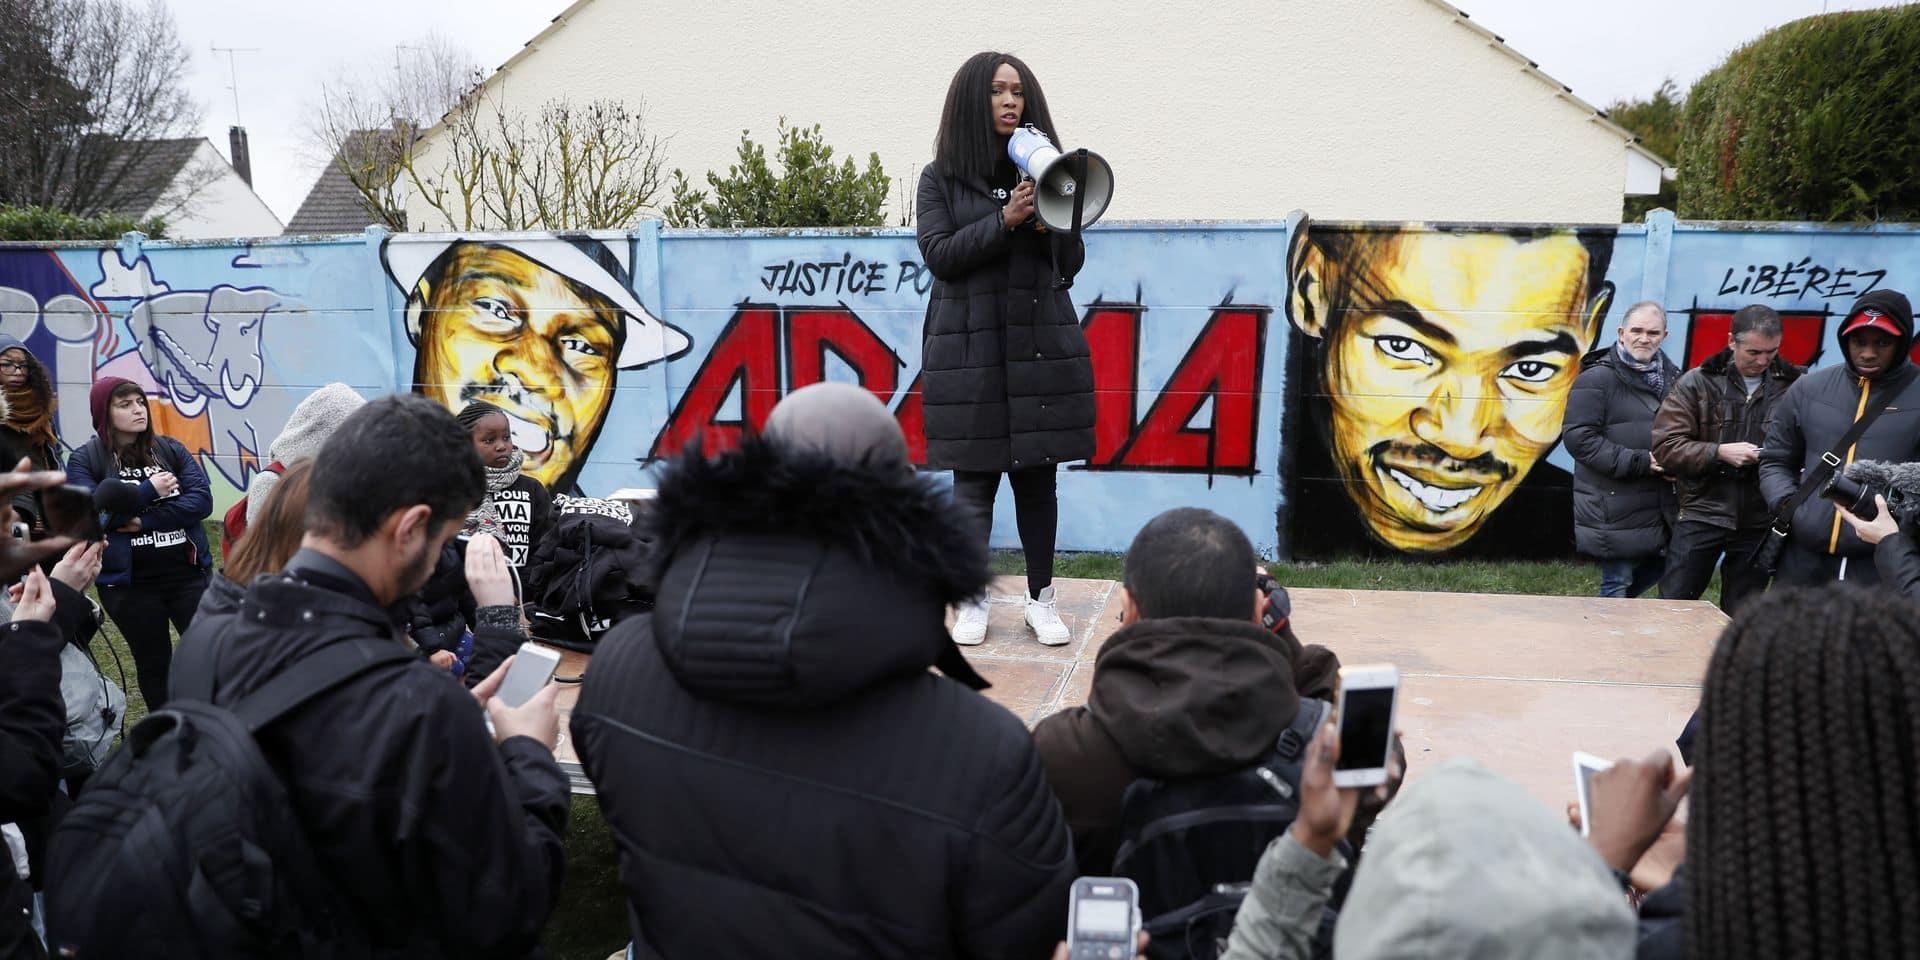 L'affaire qui fait grand bruit en France: Adama Traoré, mort en 2016, est-il une victime ou un bourreau?